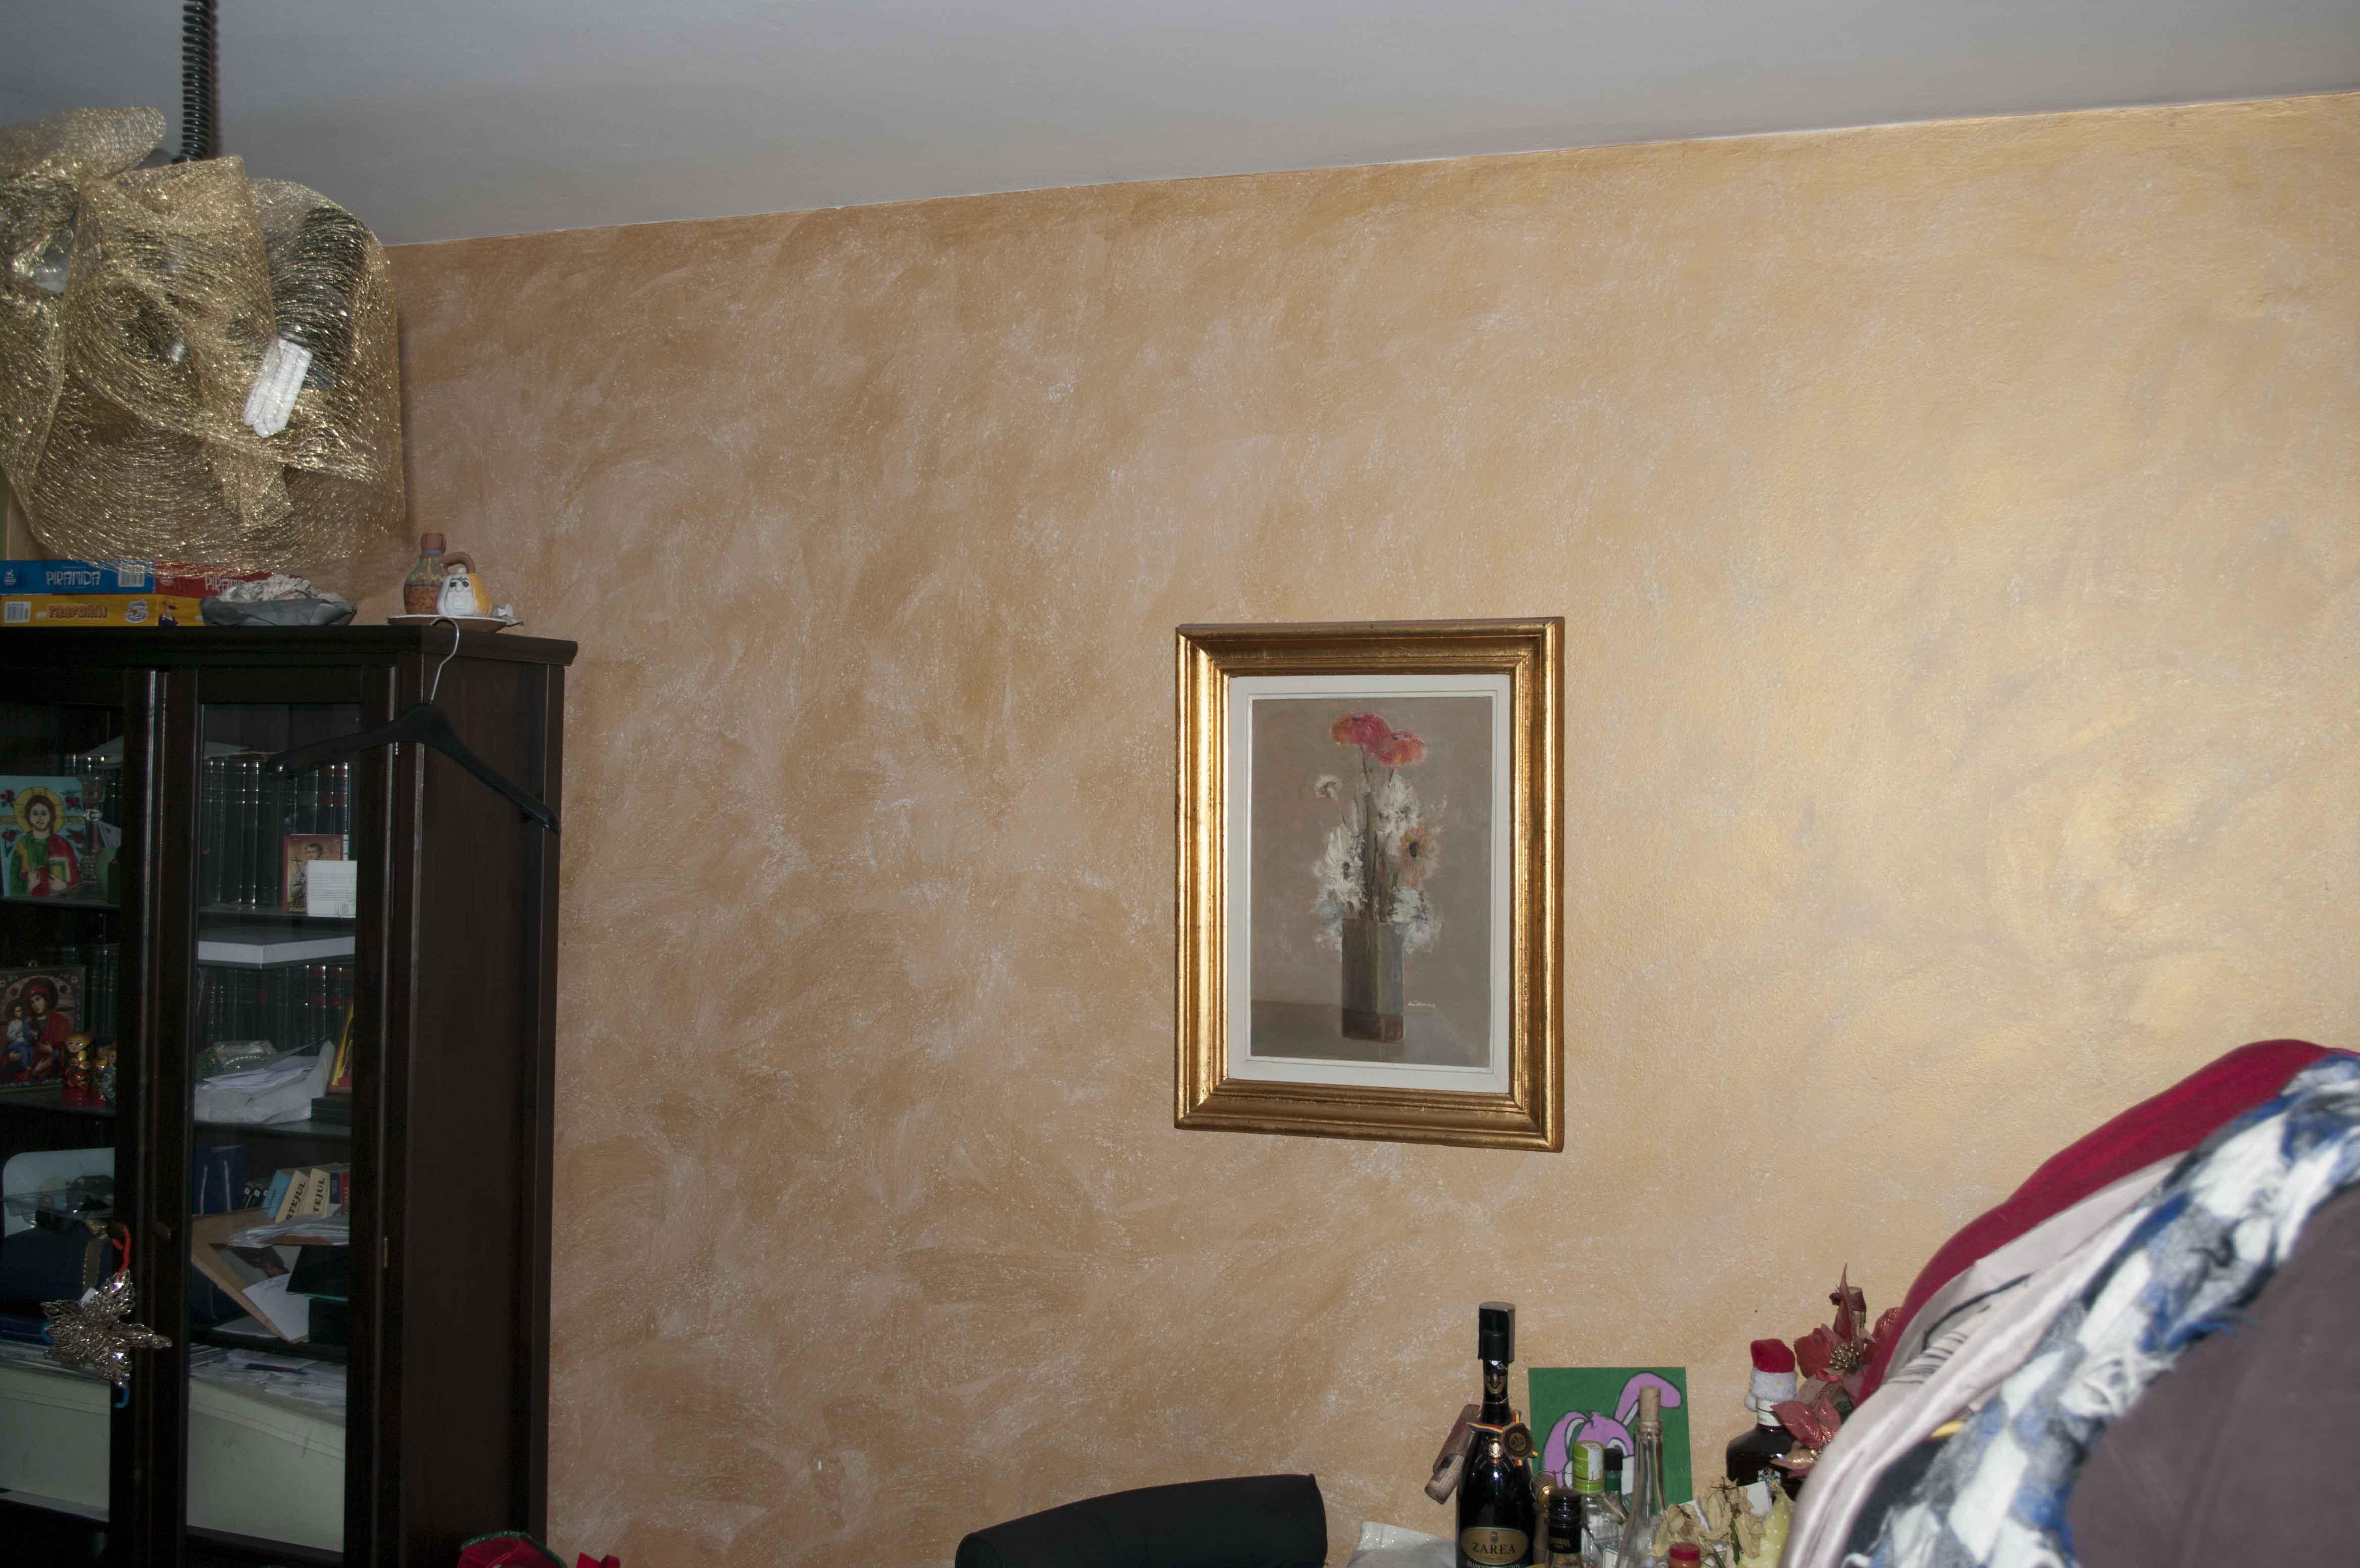 anunturi imobiliare - VATRA LUMINOASA